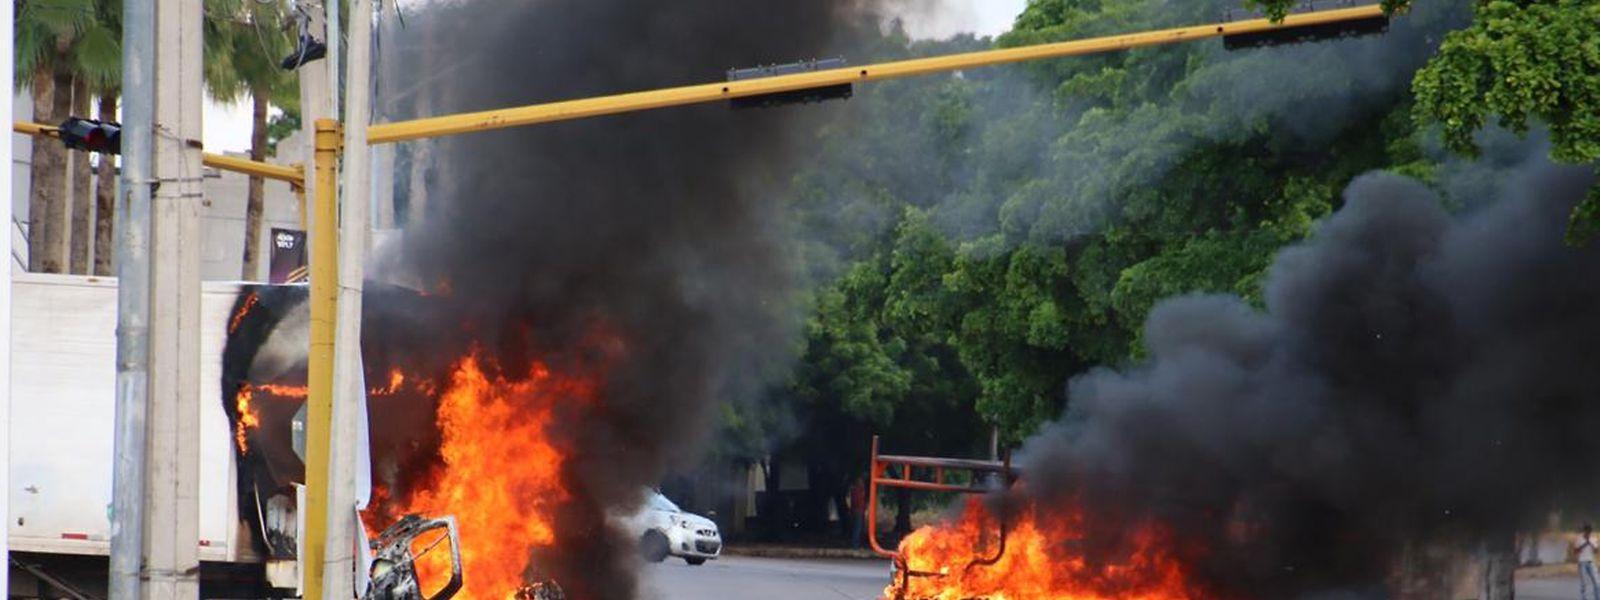 Brennende Fahrzeuge nach den Kämpfen in Culiacán .